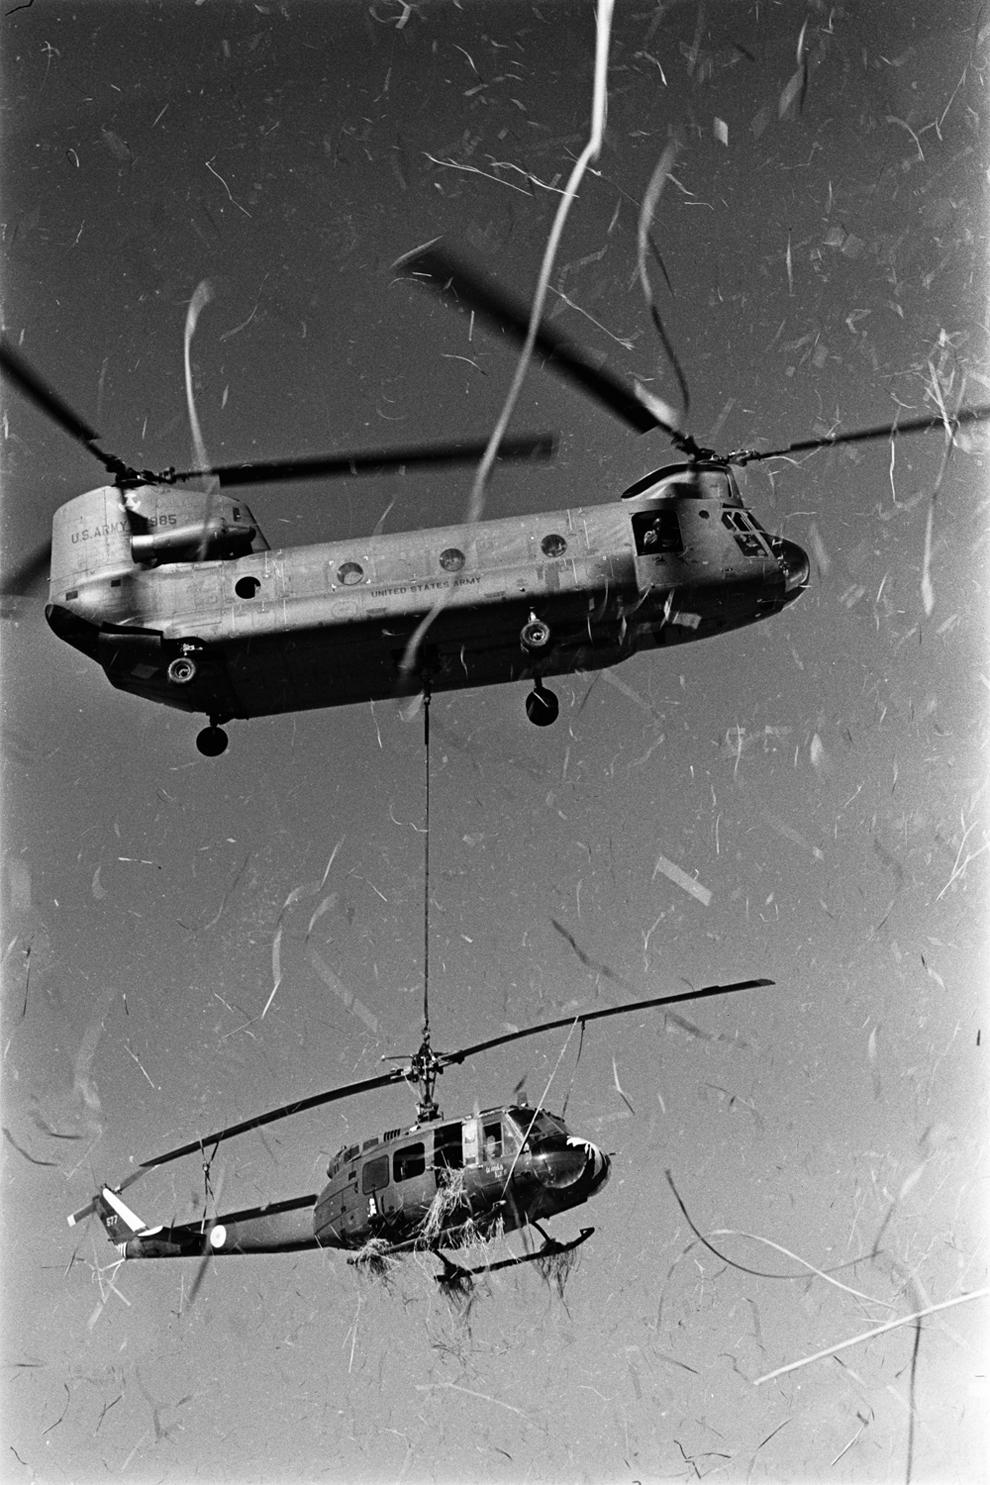 bp25 - Hình ảnh hiếm gây chấn động về cuộc chiến ở Việt Nam